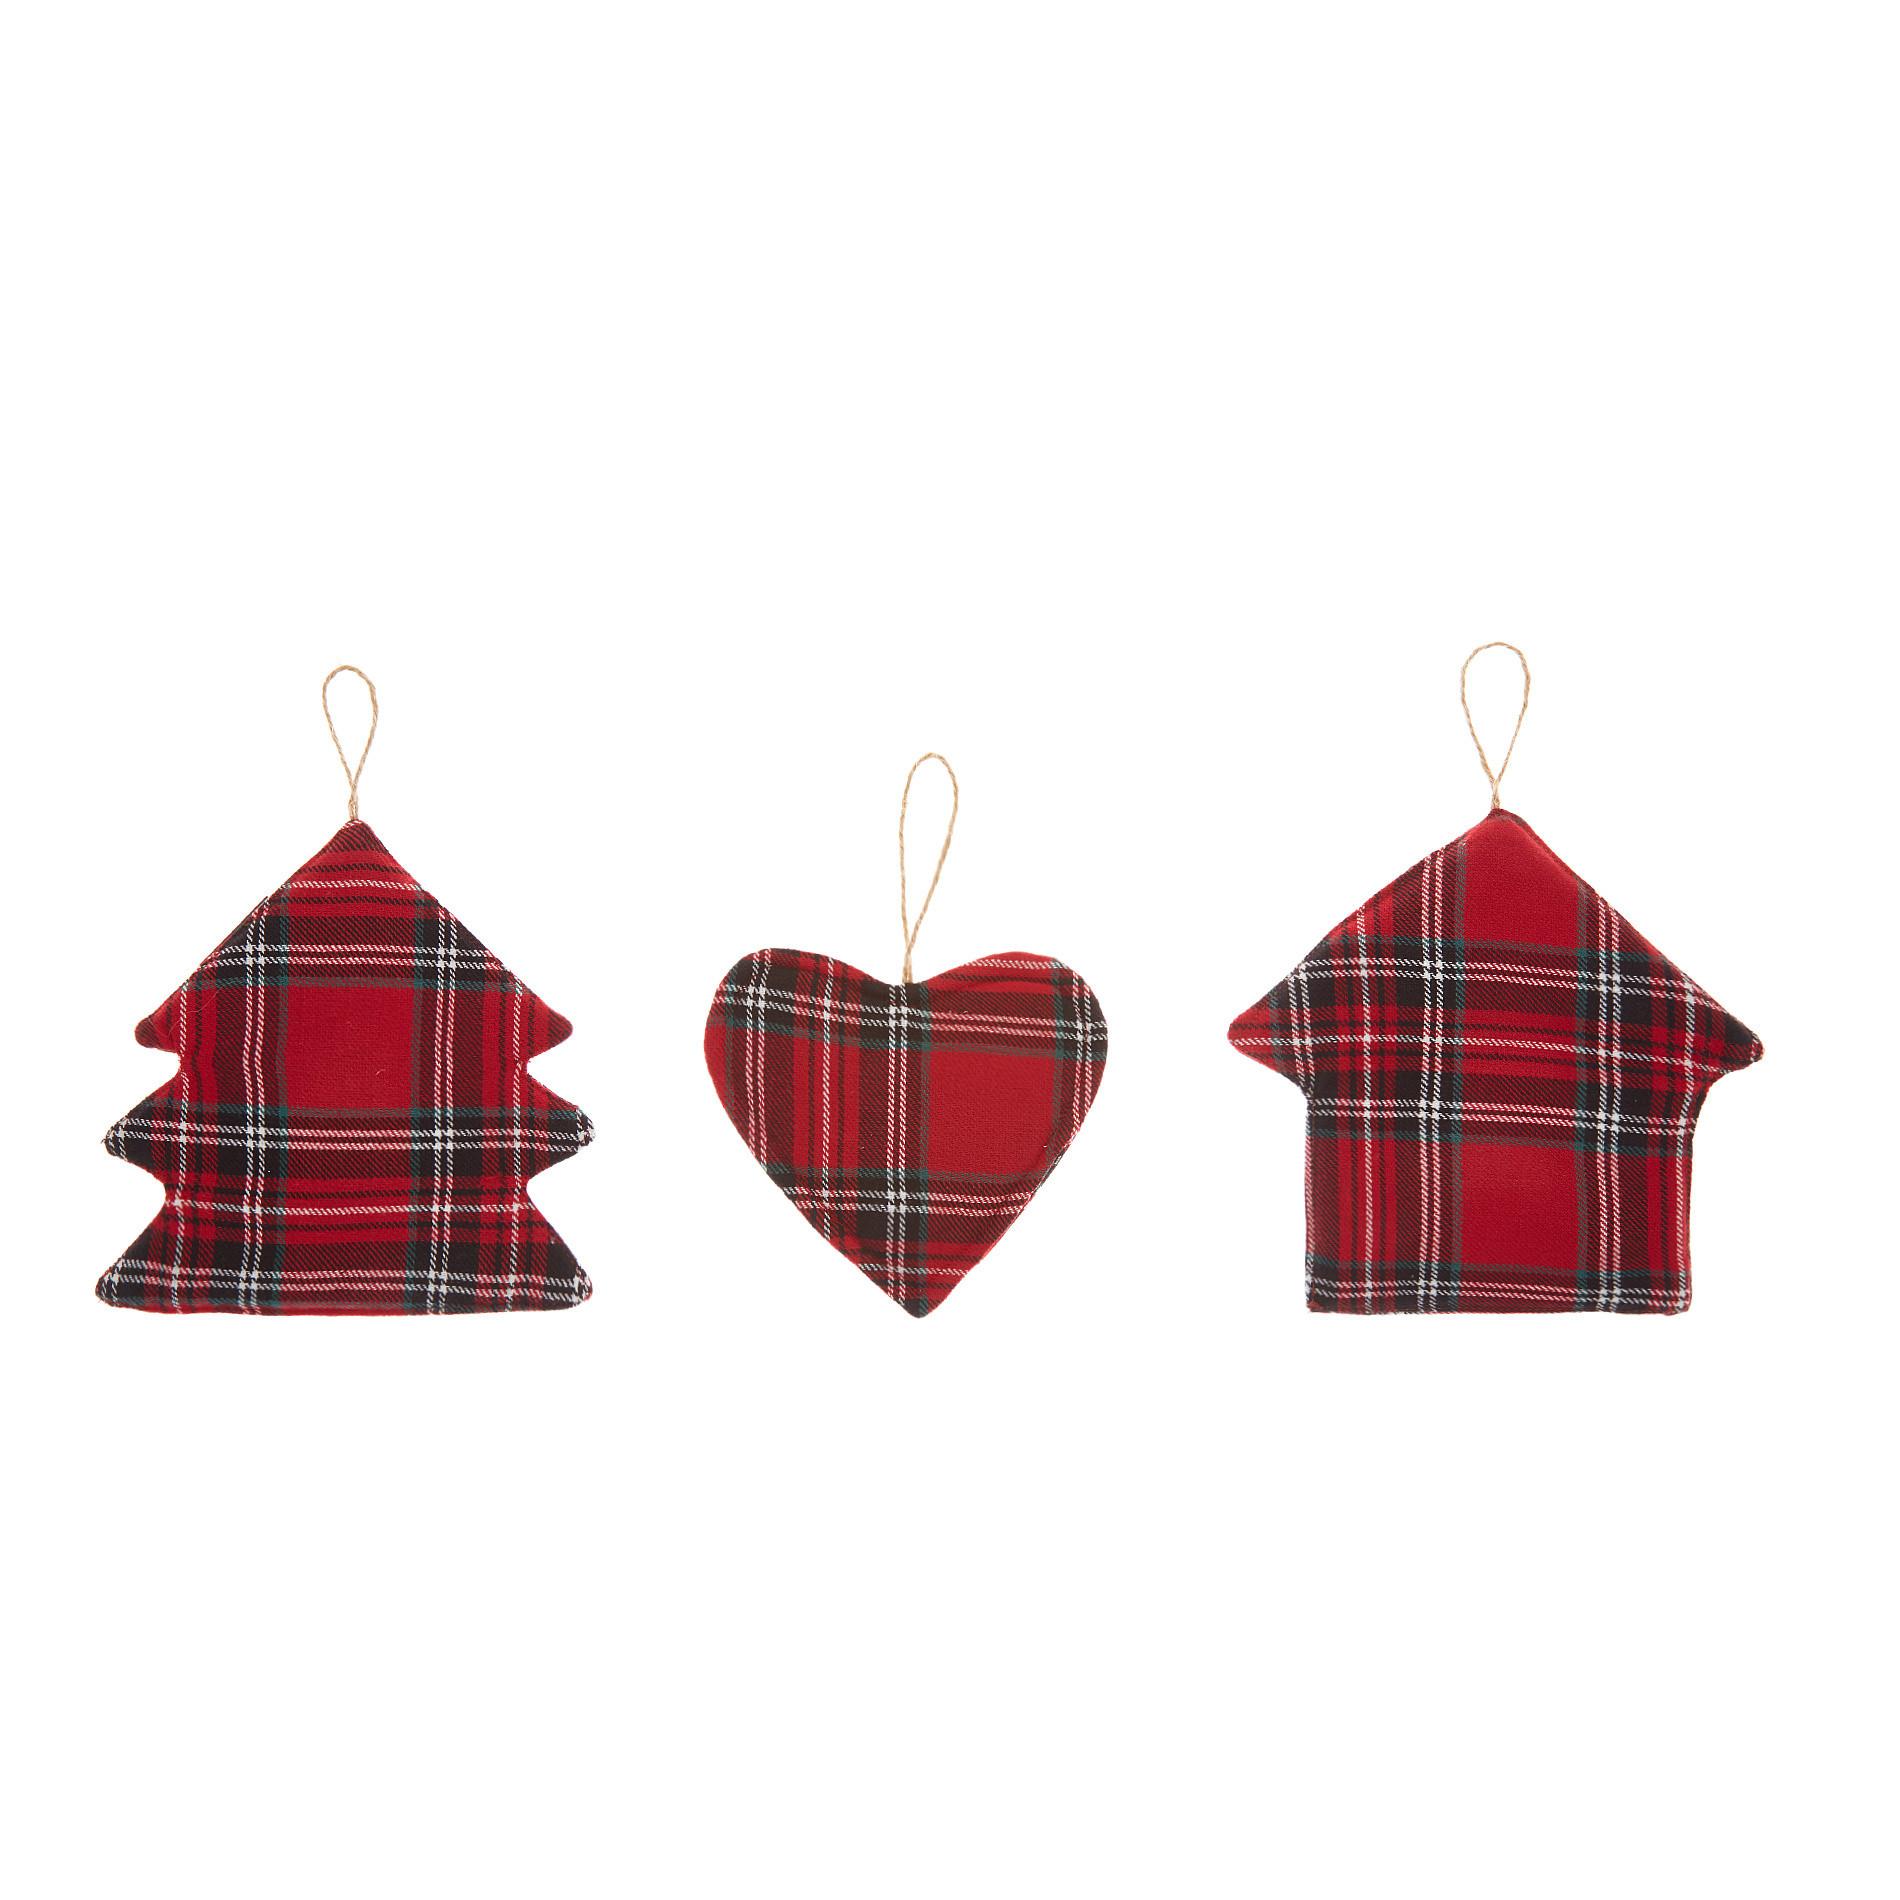 Set 3 decorazioni twill di cotone motivo tartan, Verde/Rosso, large image number 0